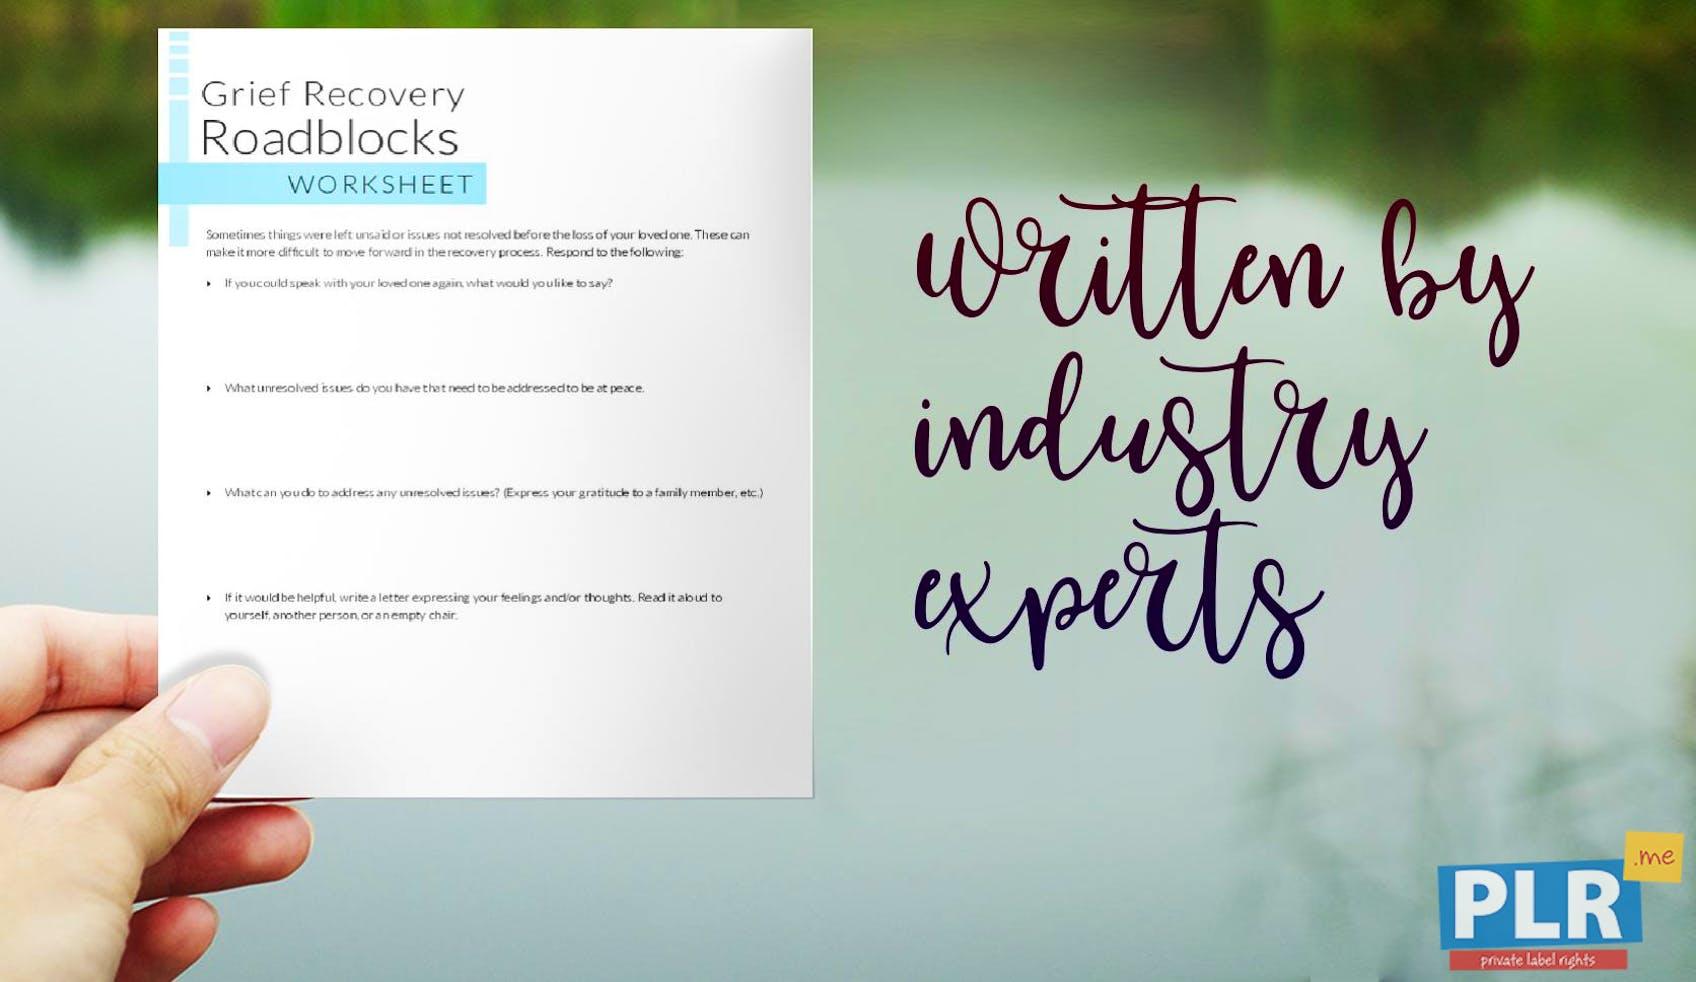 PLR Worksheets - Grief Recovery Roadblocks Worksheet - PLR.me